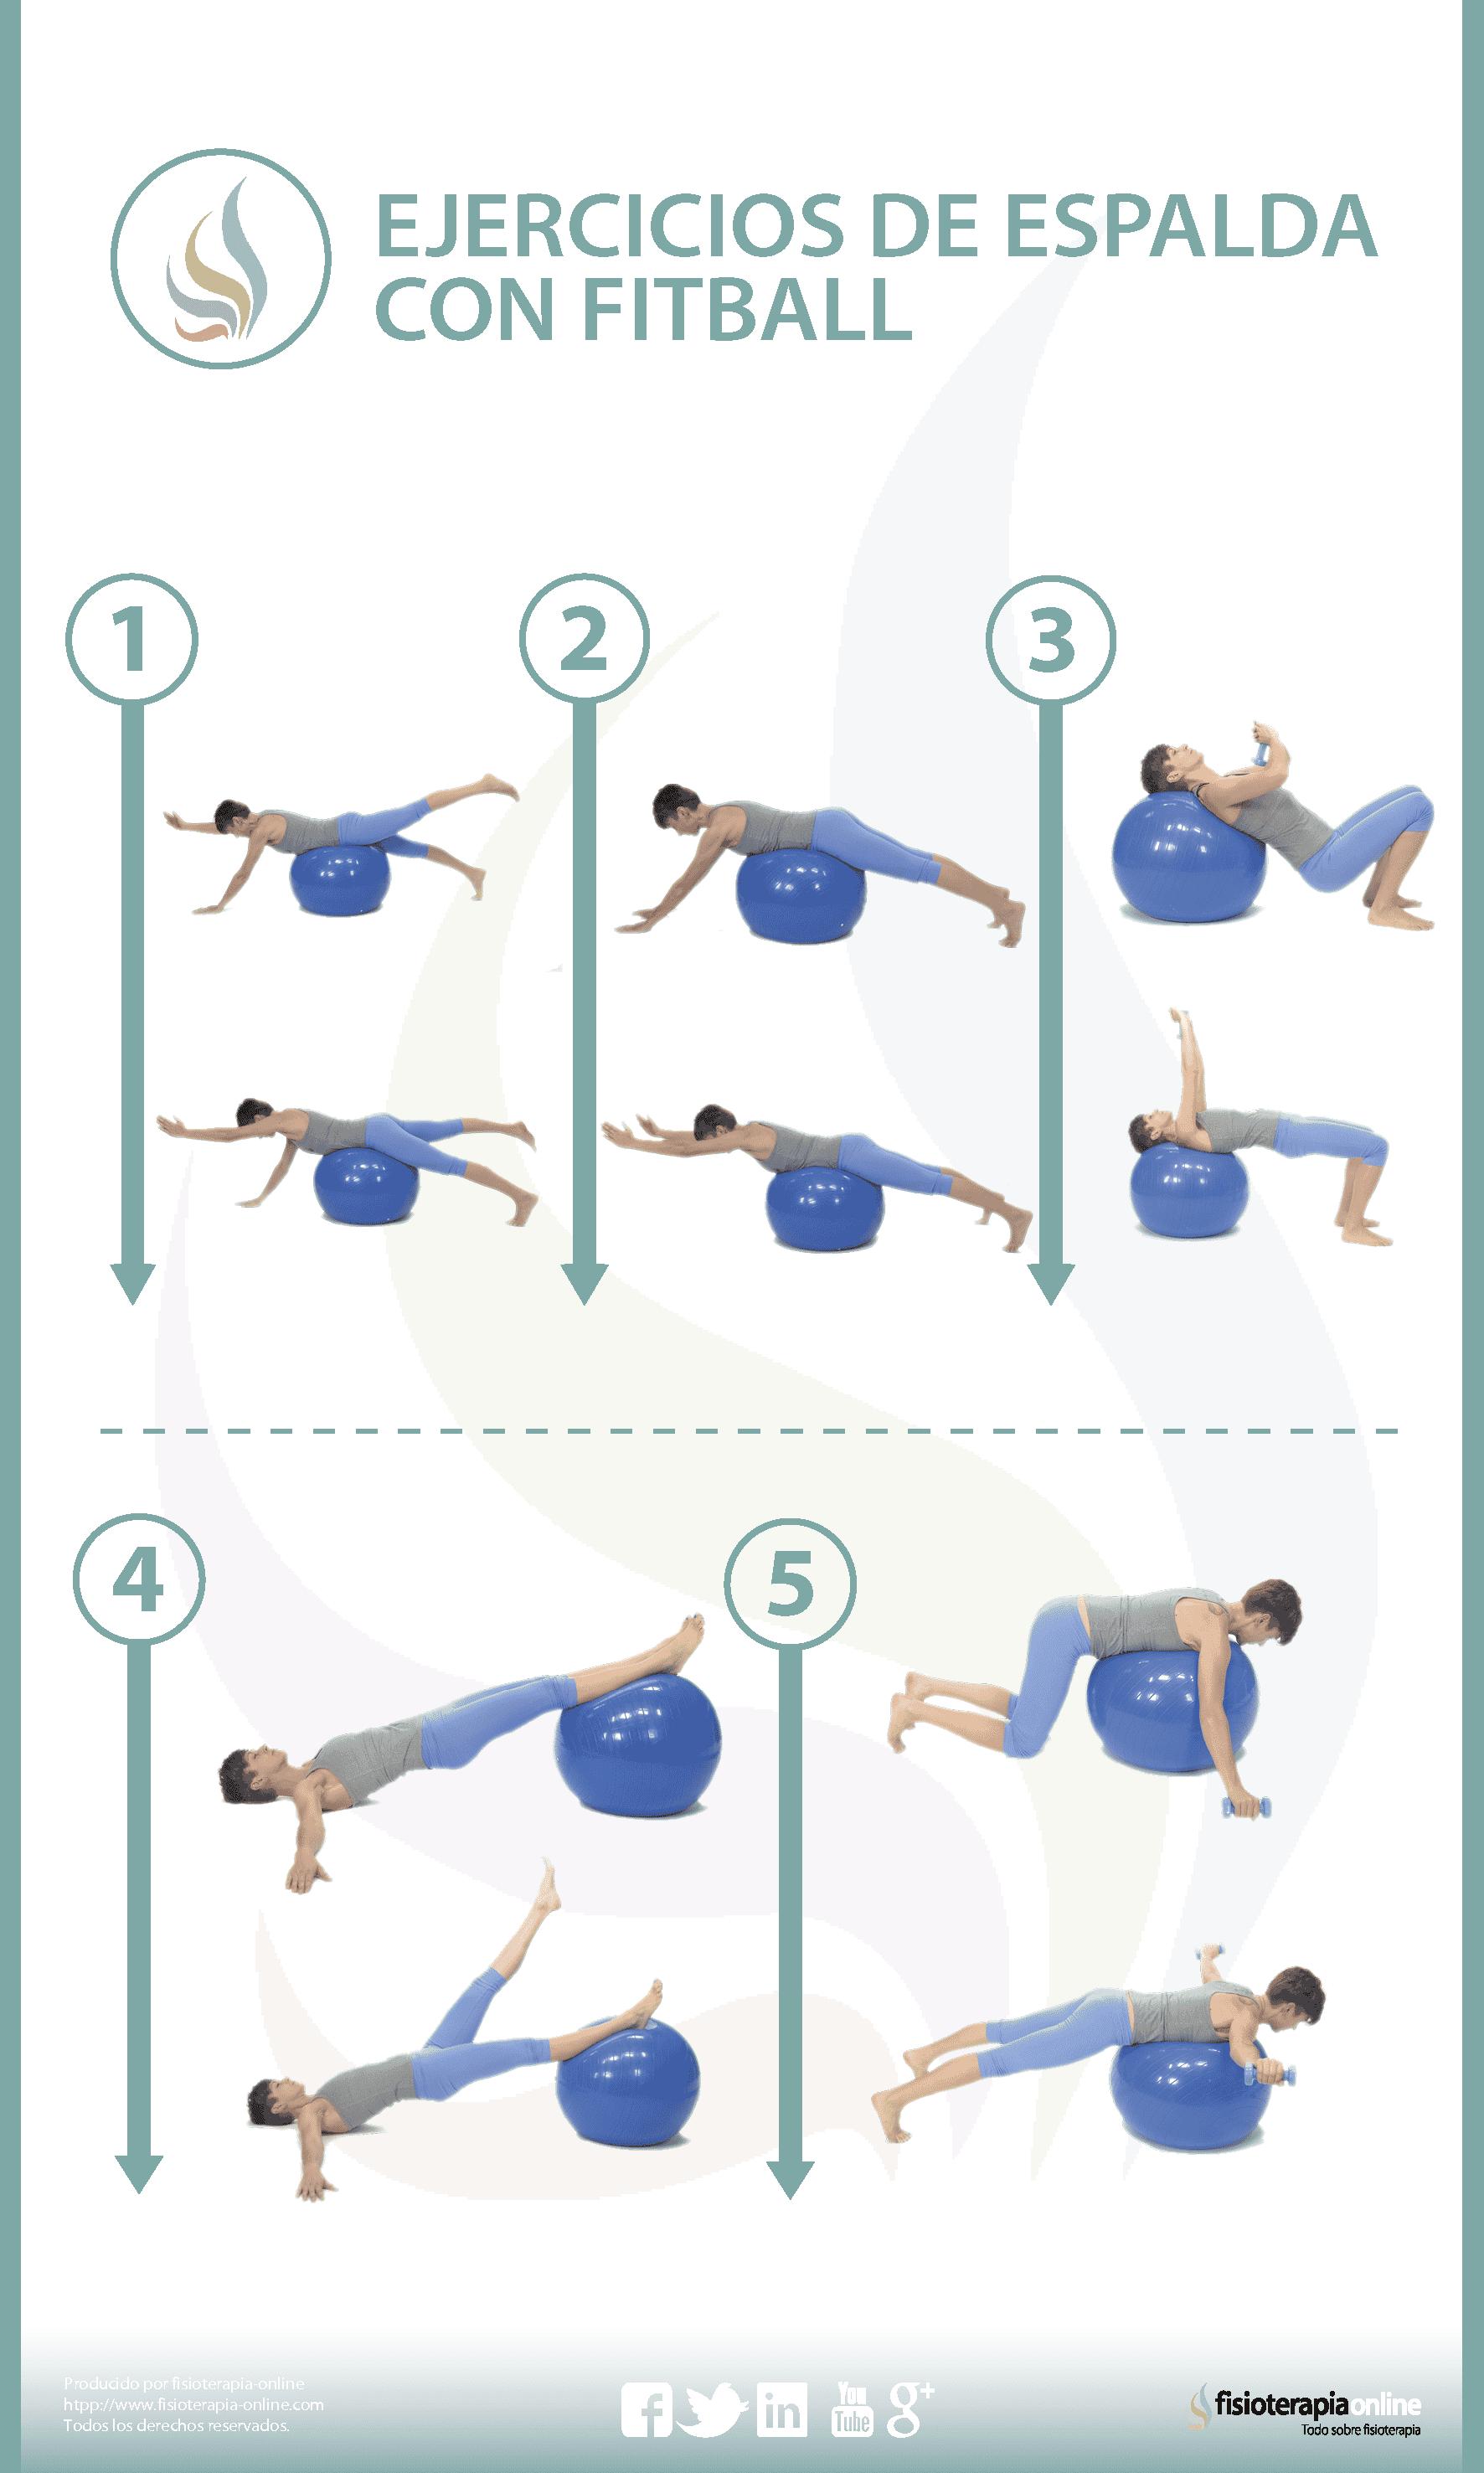 5 ejercicios para tonificar tu espalda con fitball | FisioOnline